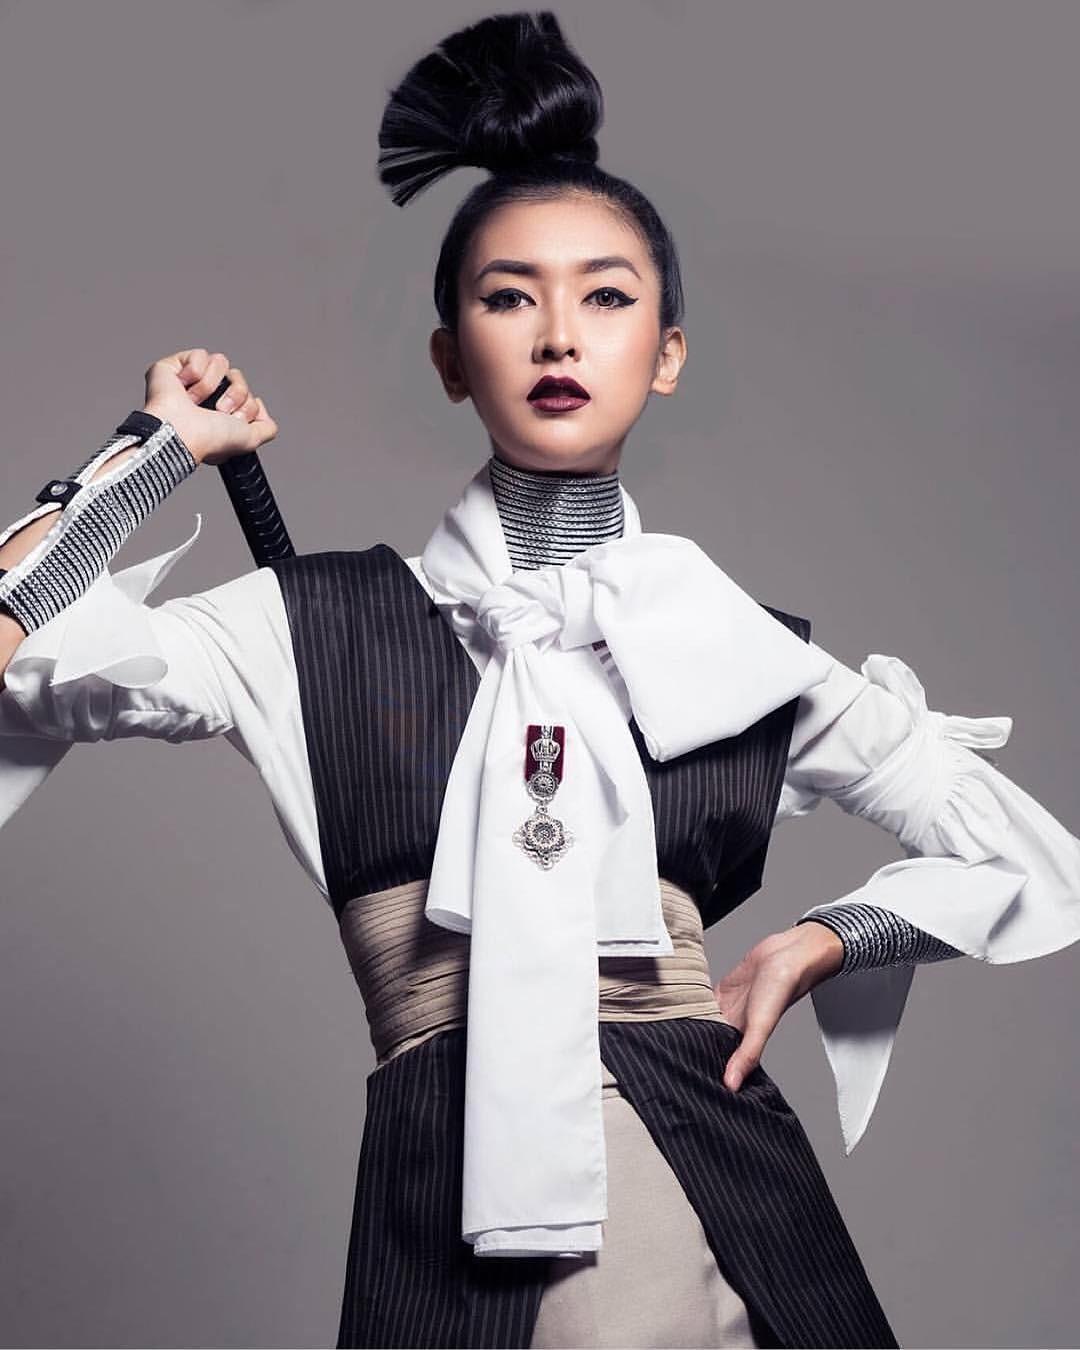 Nhan sắc xinh đẹp của đại diện Indonesia, cô gái đánh bại hơn 70 đối thủ vừa đăng quang Miss International 2017 19